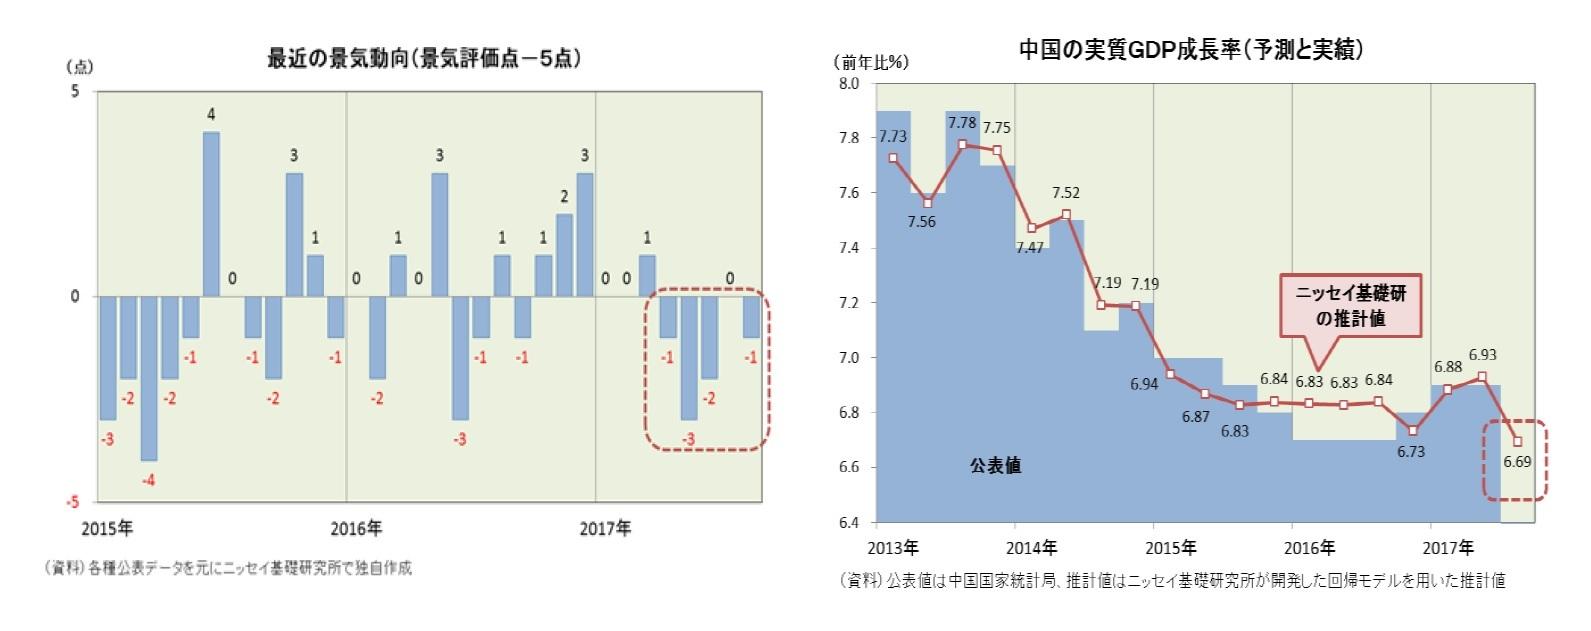 最近の景気動向(景気評価点-5点)/中国の実質GDP成長率(予測と実績)